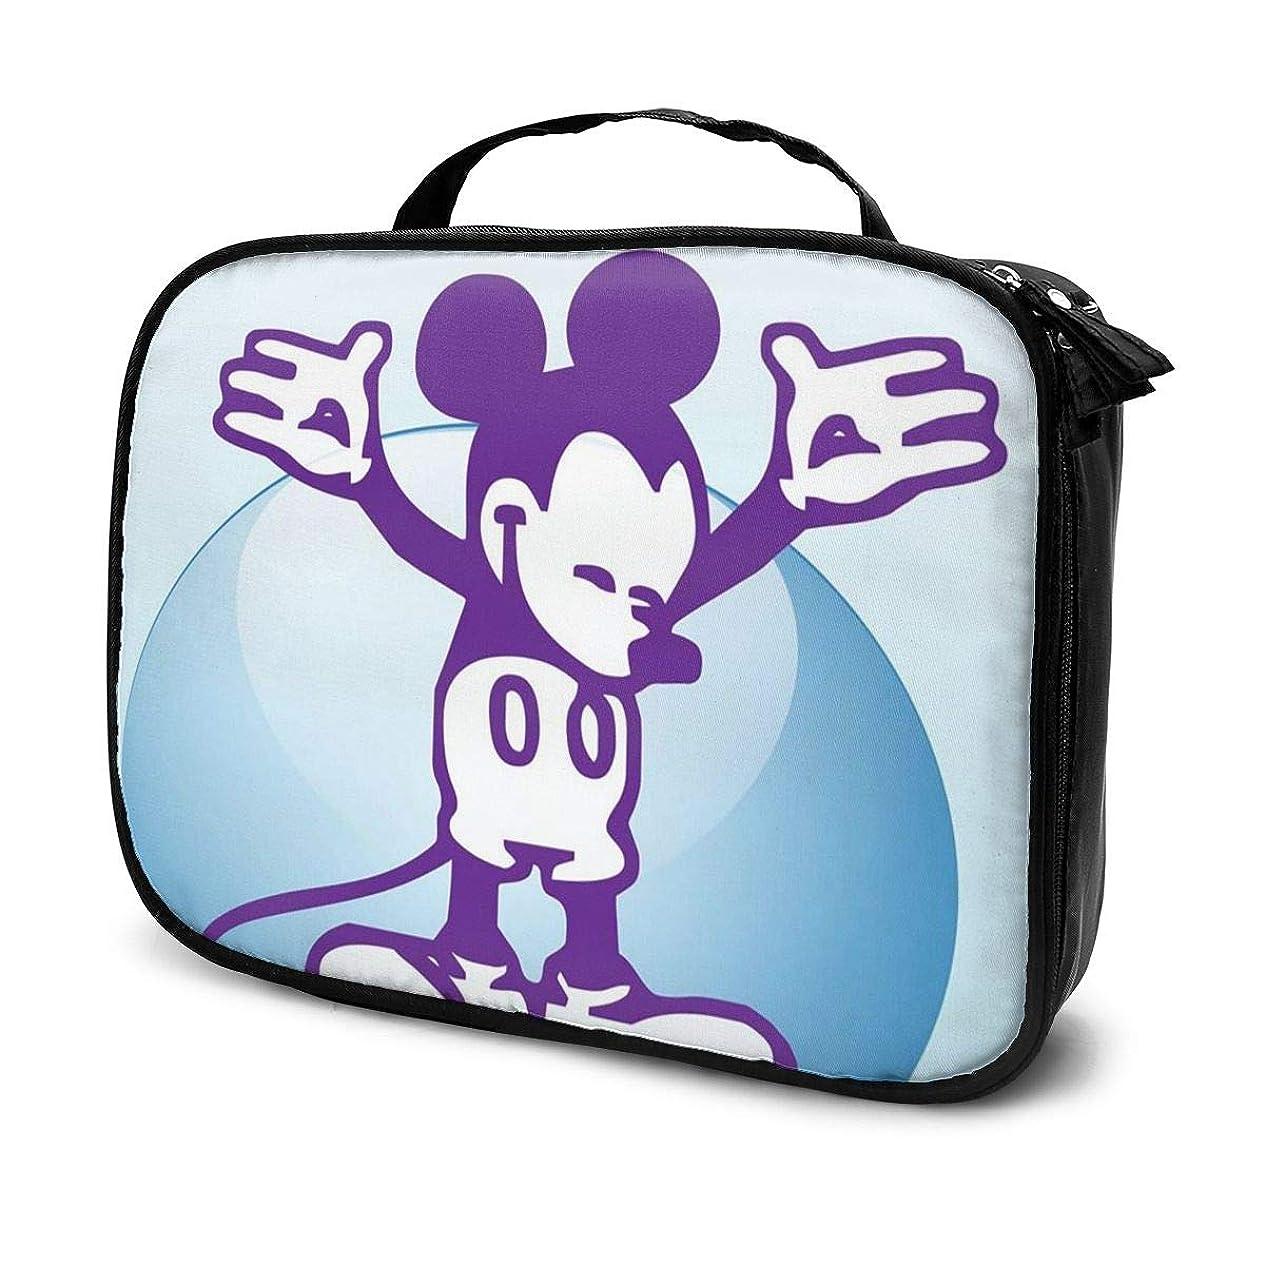 スタンド定数人工的なDaituヴィンテージミッキー 化粧品袋の女性旅行バッグ収納大容量防水アクセサリー旅行